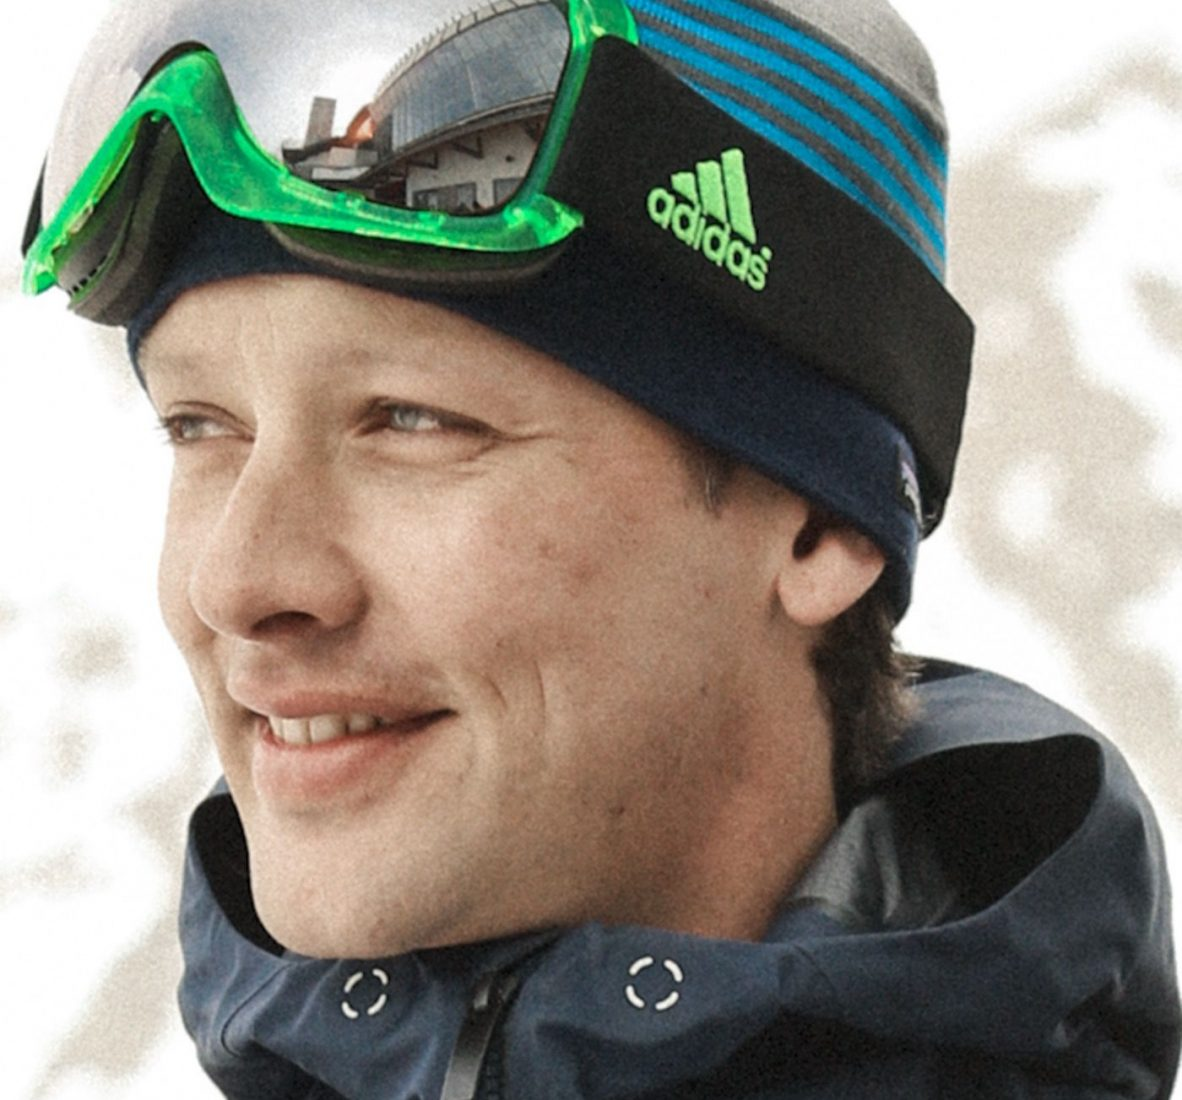 Christoph Mitterer ist Schnee- und Lawinenforscher und fachlicher Koordinator im Projekt ALBINA. Mitarbeiter des Lawinenwarndienstes Tirol. Liebt Pulver, Firn und Nassschnee. Aber vor allem philosophiert er gerne über die Lawinenvorhersage und ihre Gefahren.